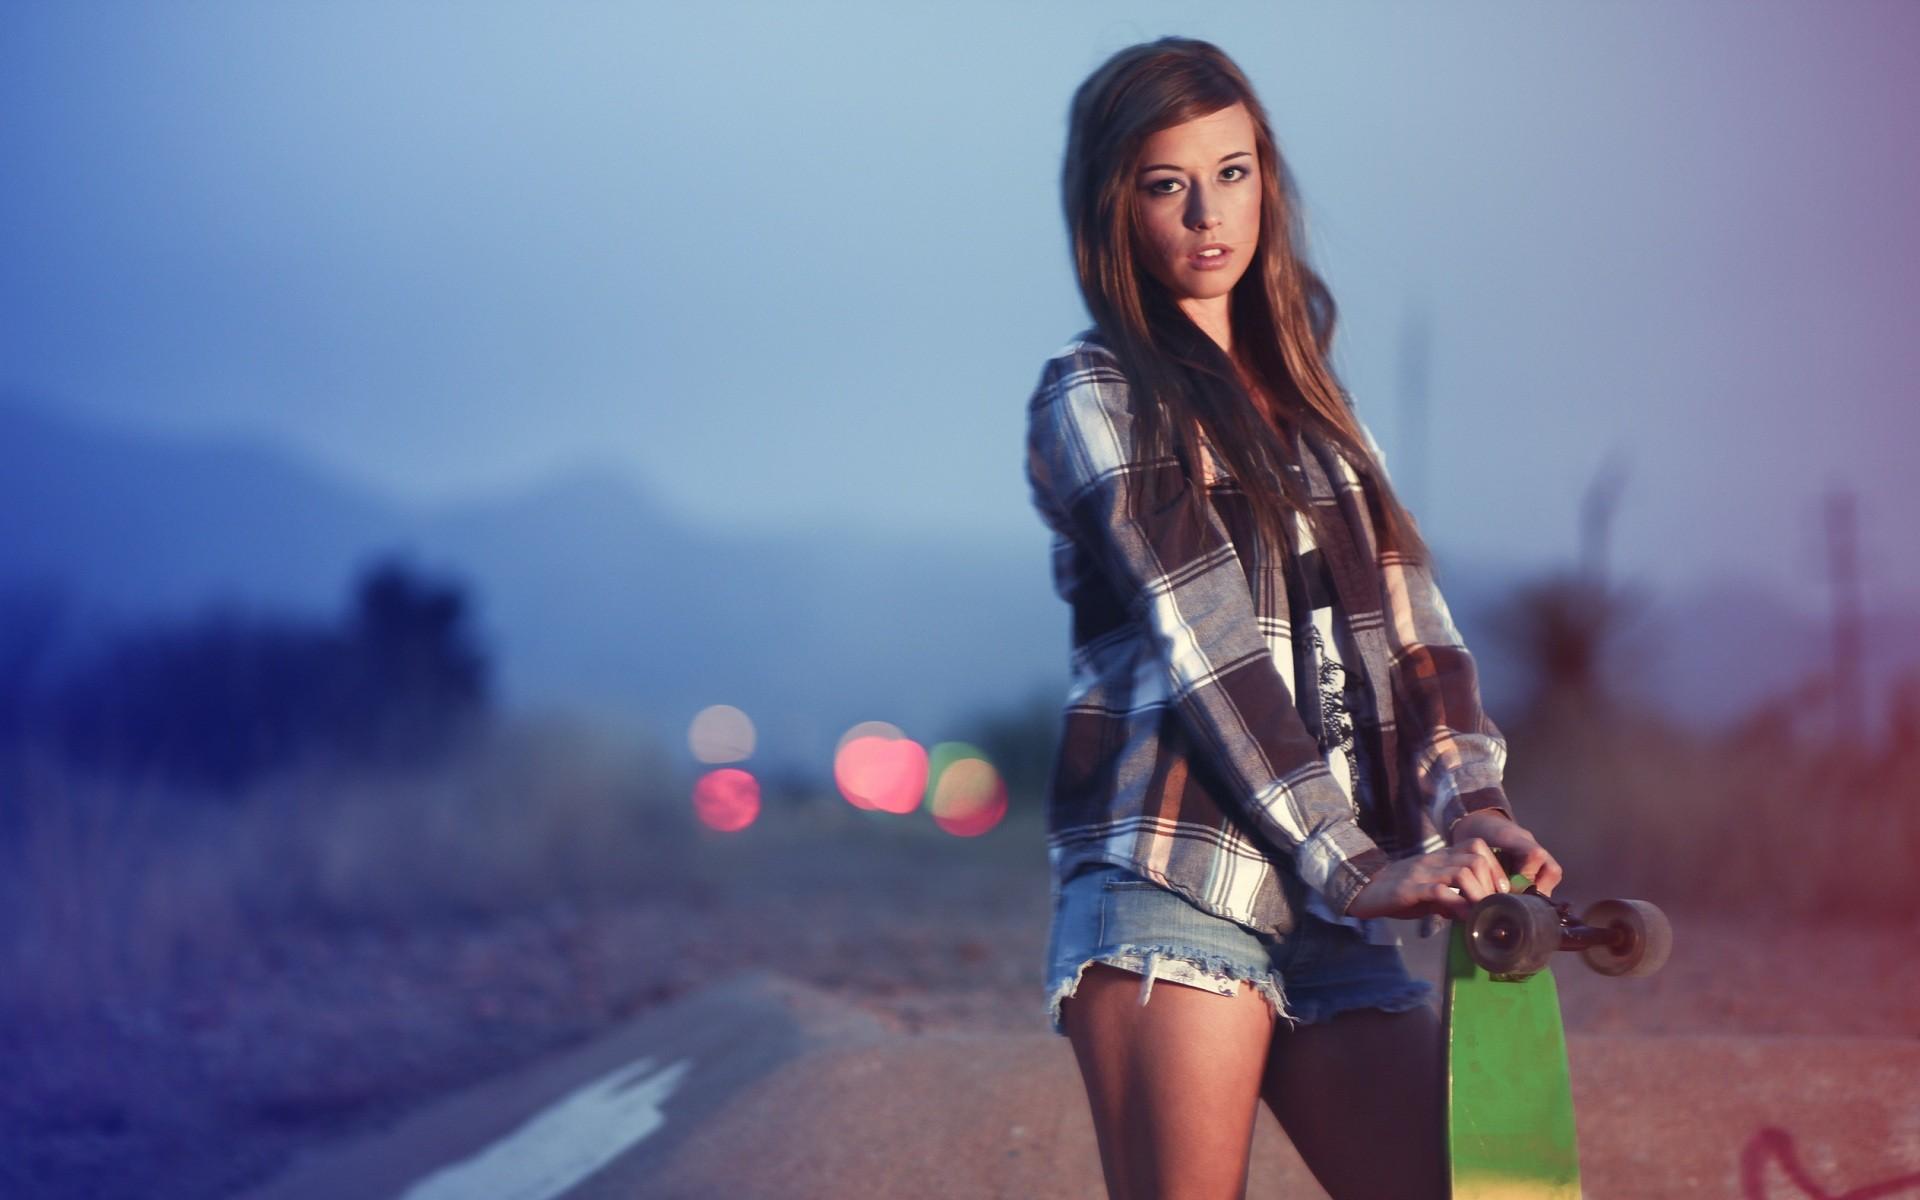 Skater Girl   Wallpaper 32741 1920x1200